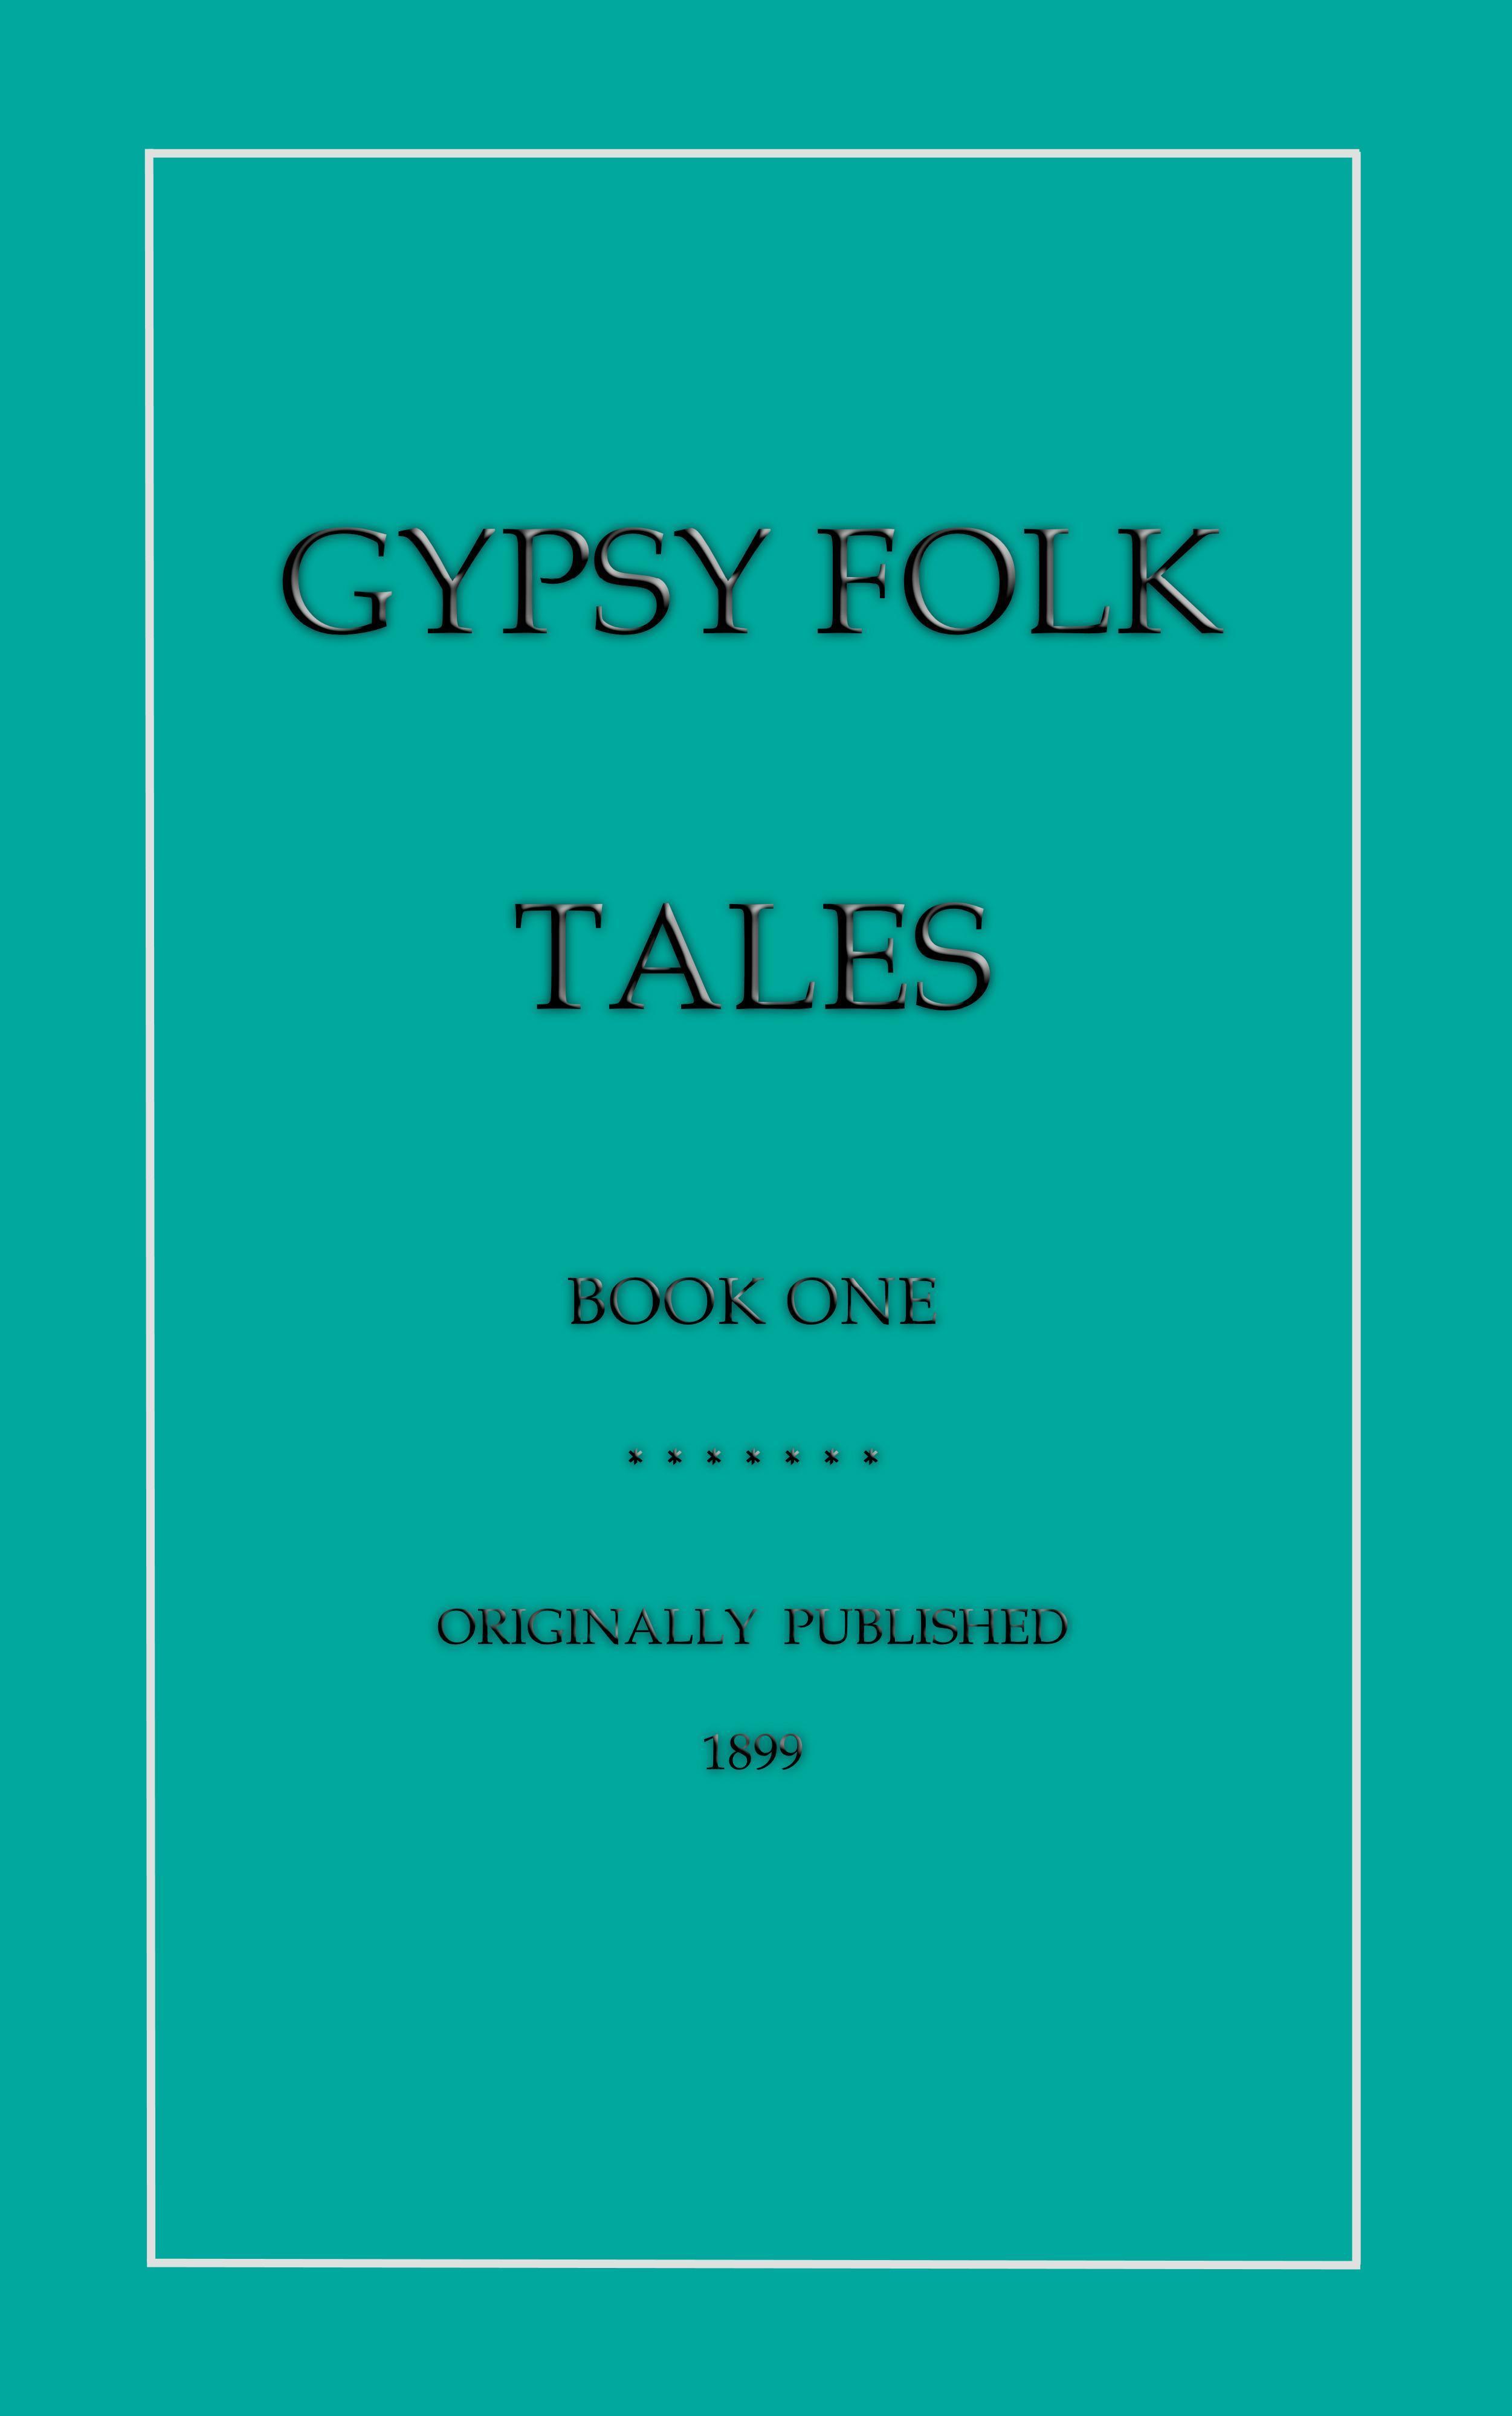 Gypsy Folk Tales - Book One EB2370003048926